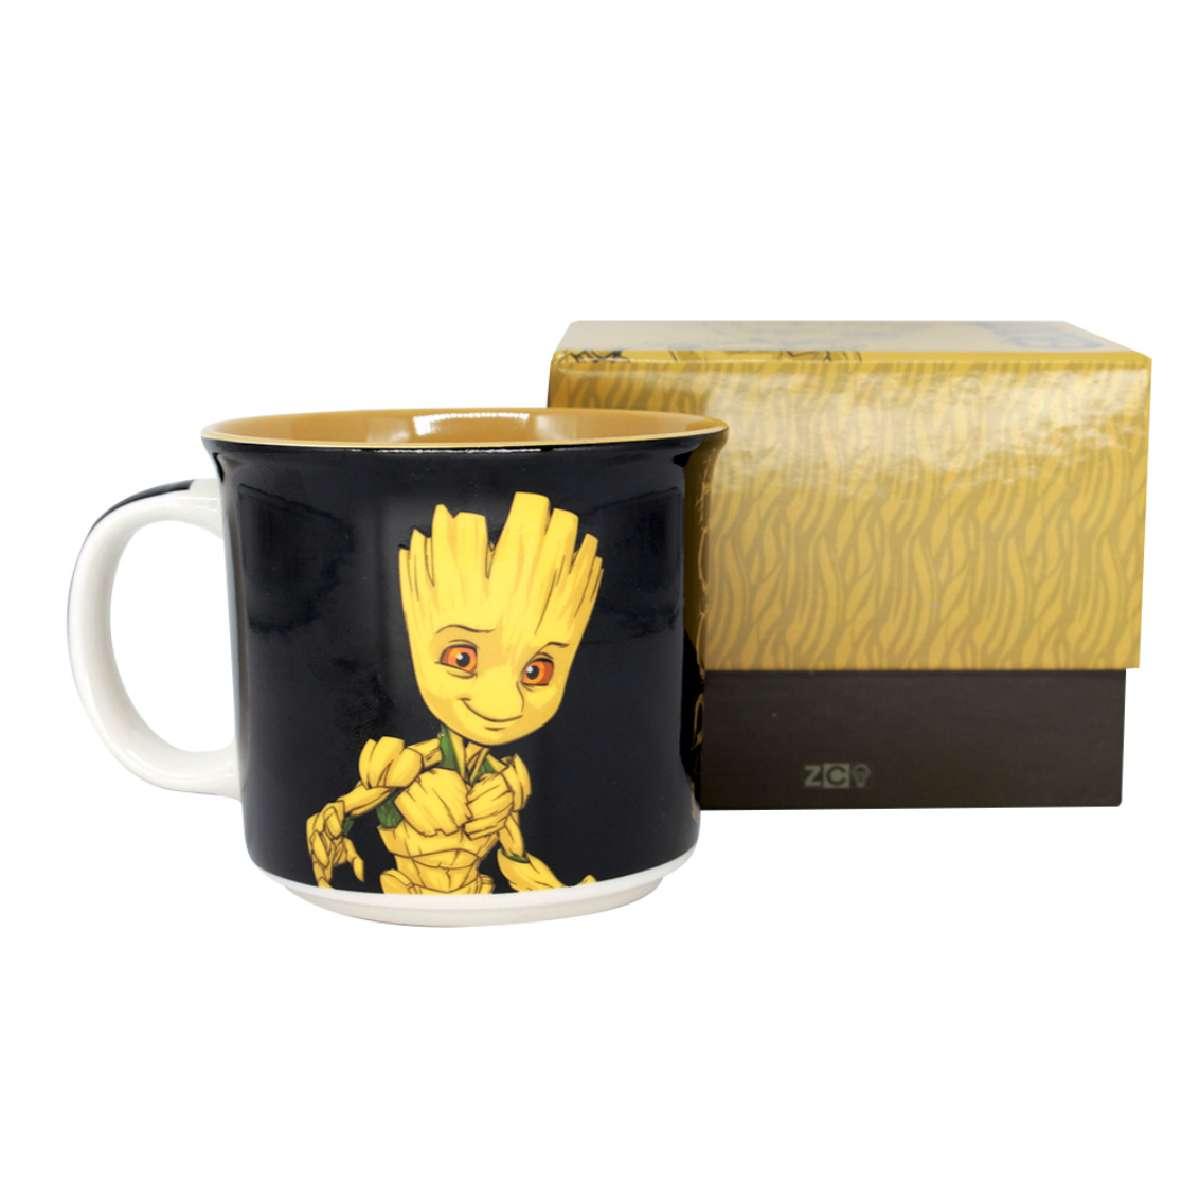 Caneca Groot Guardiões da Galáxia Marvel